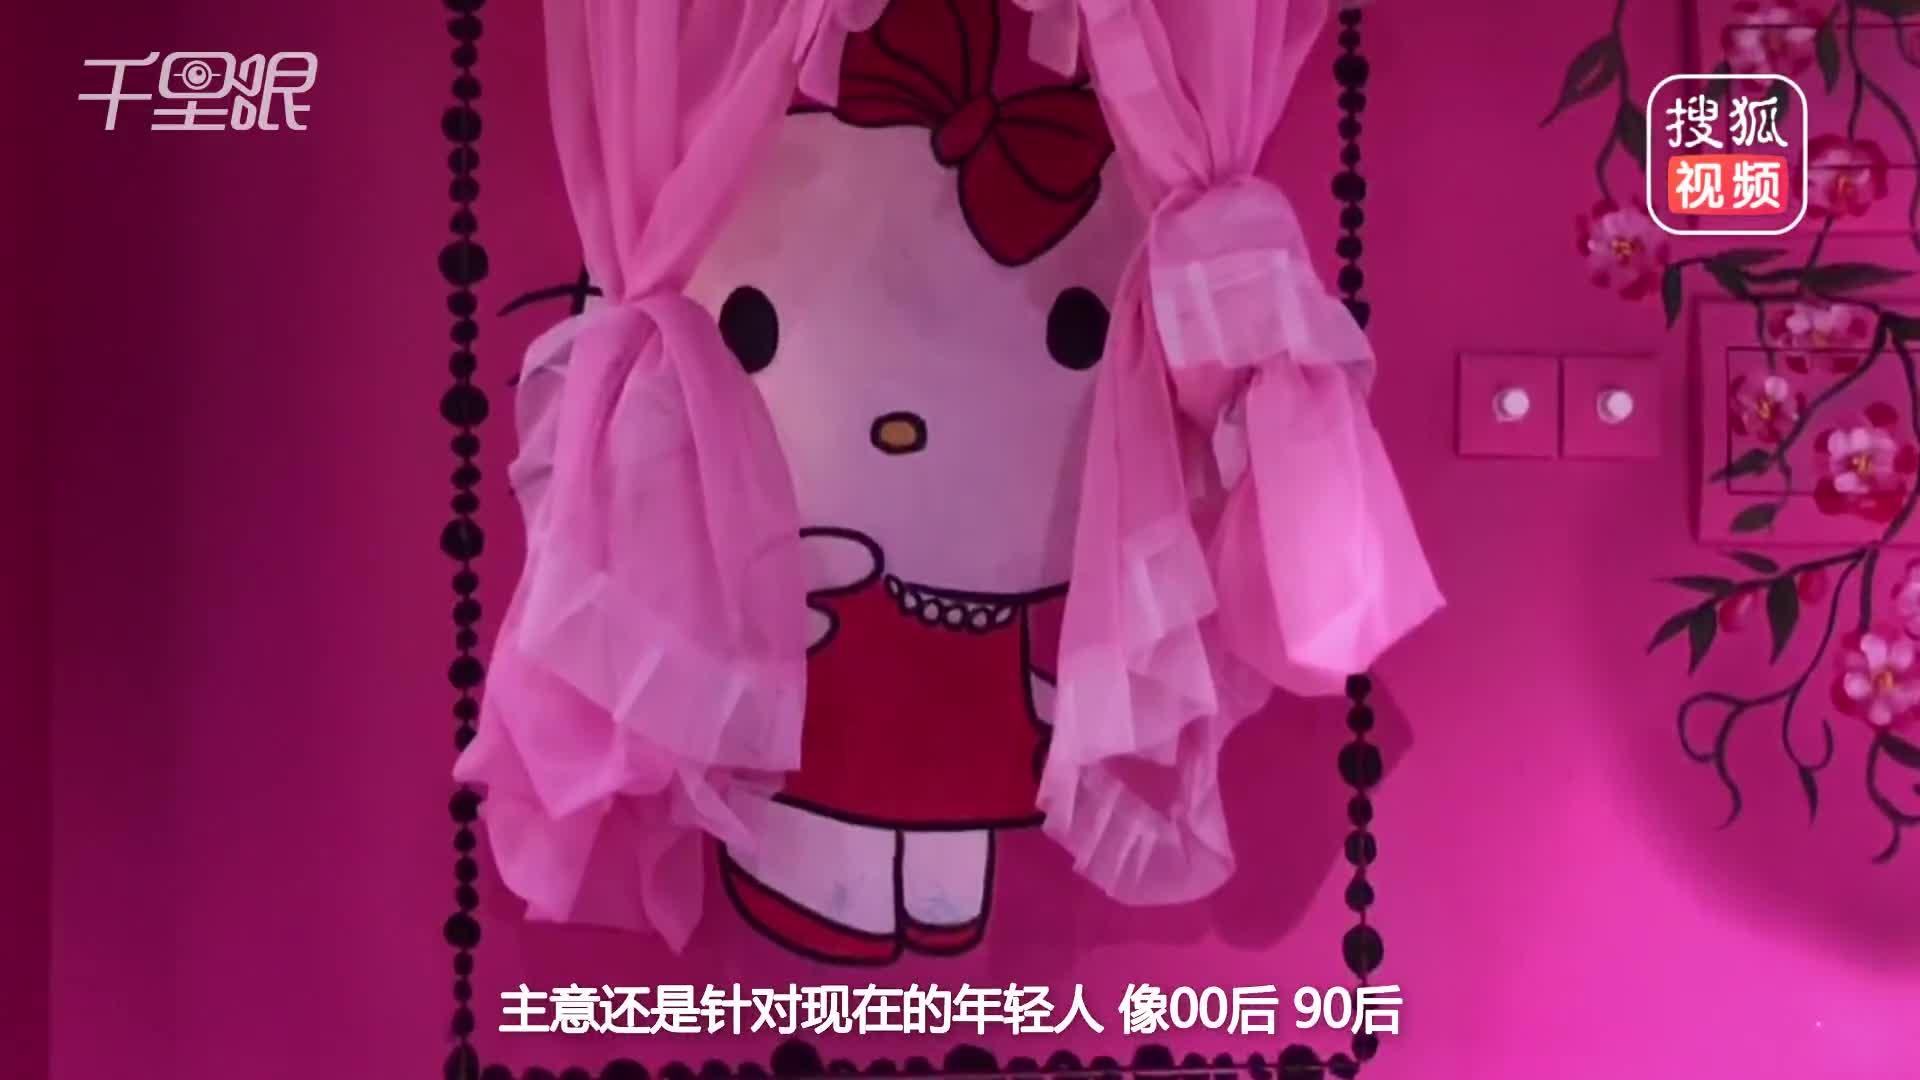 [视频]Kitty猫变网红串串 味蕾和摆拍的狂欢